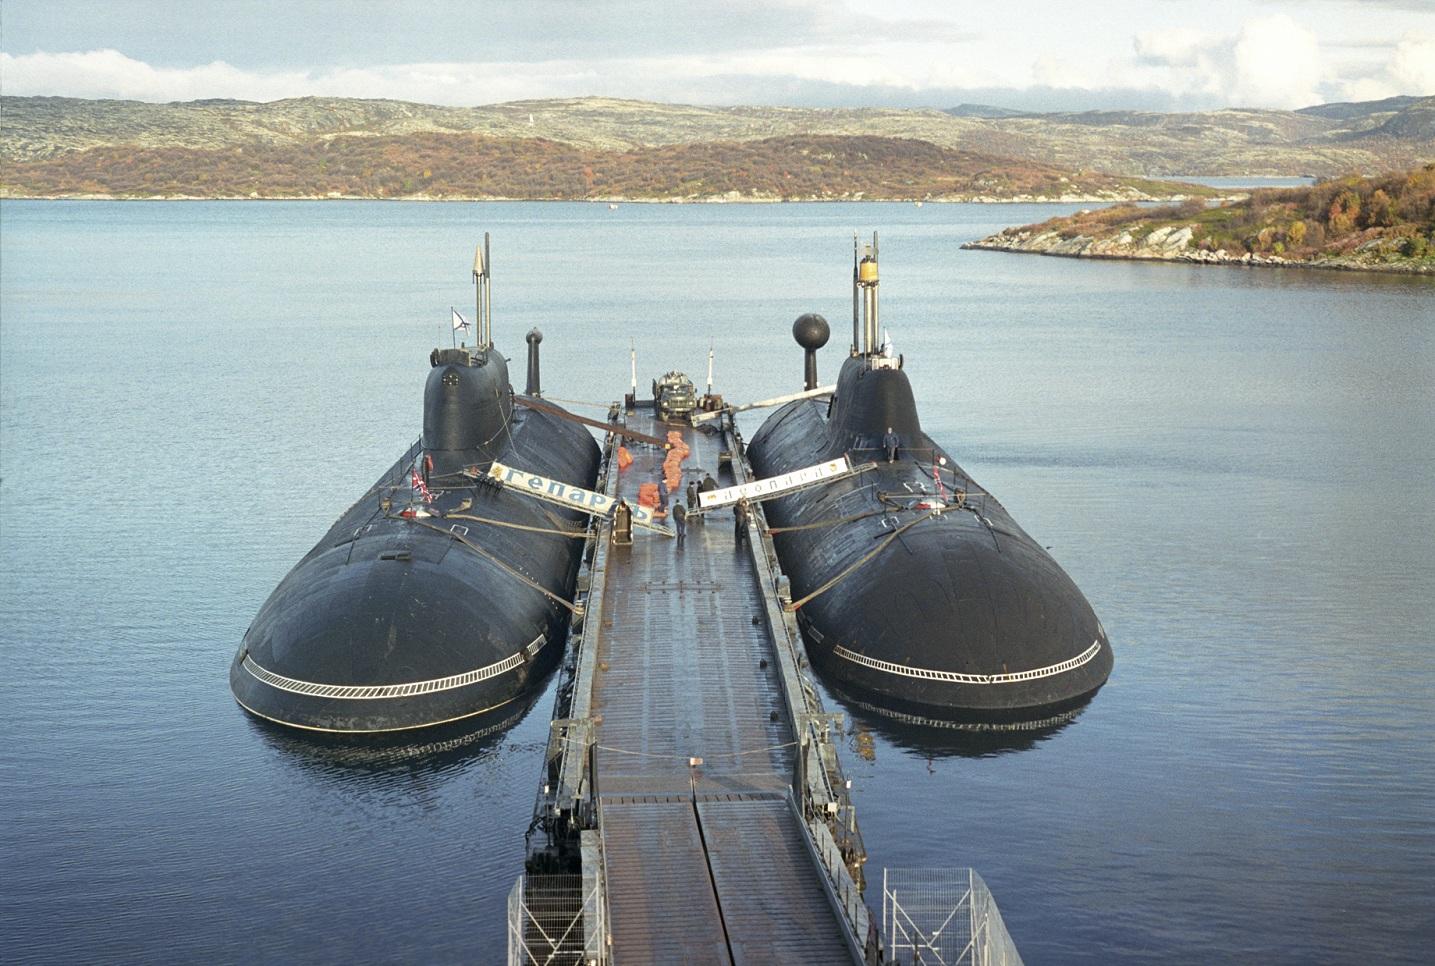 старого живые нерпы на корпусах подводных лодок фото частичной отделкой